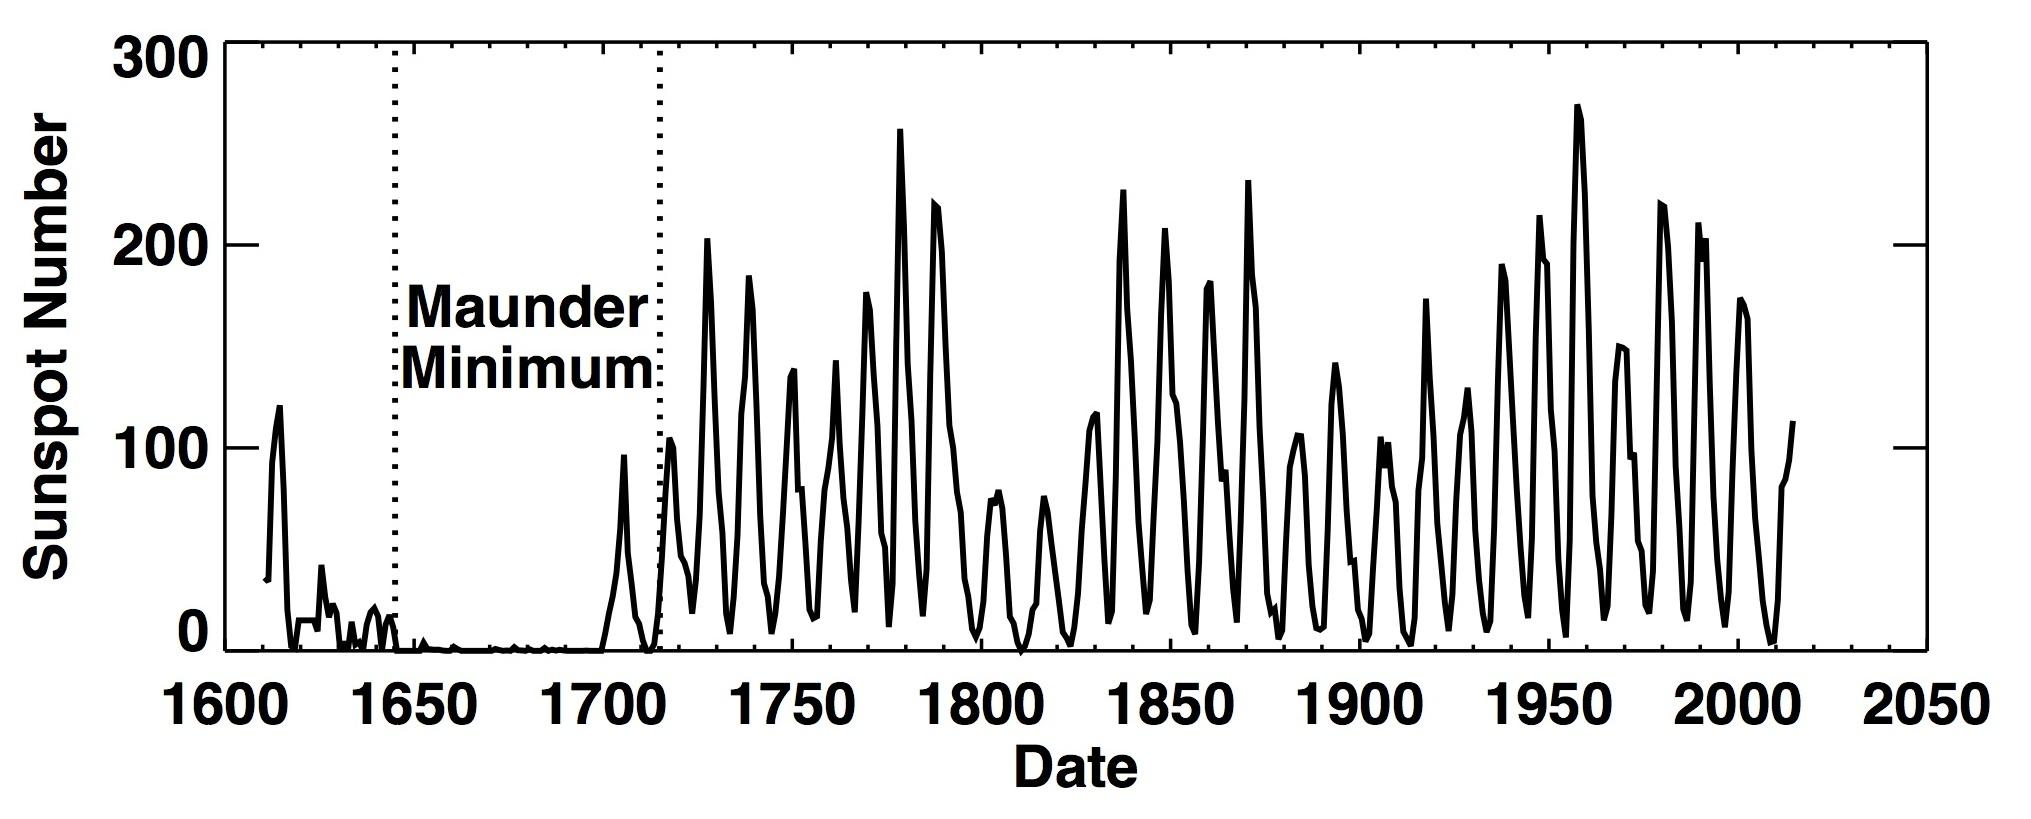 Nasa Marshall Solar Physics